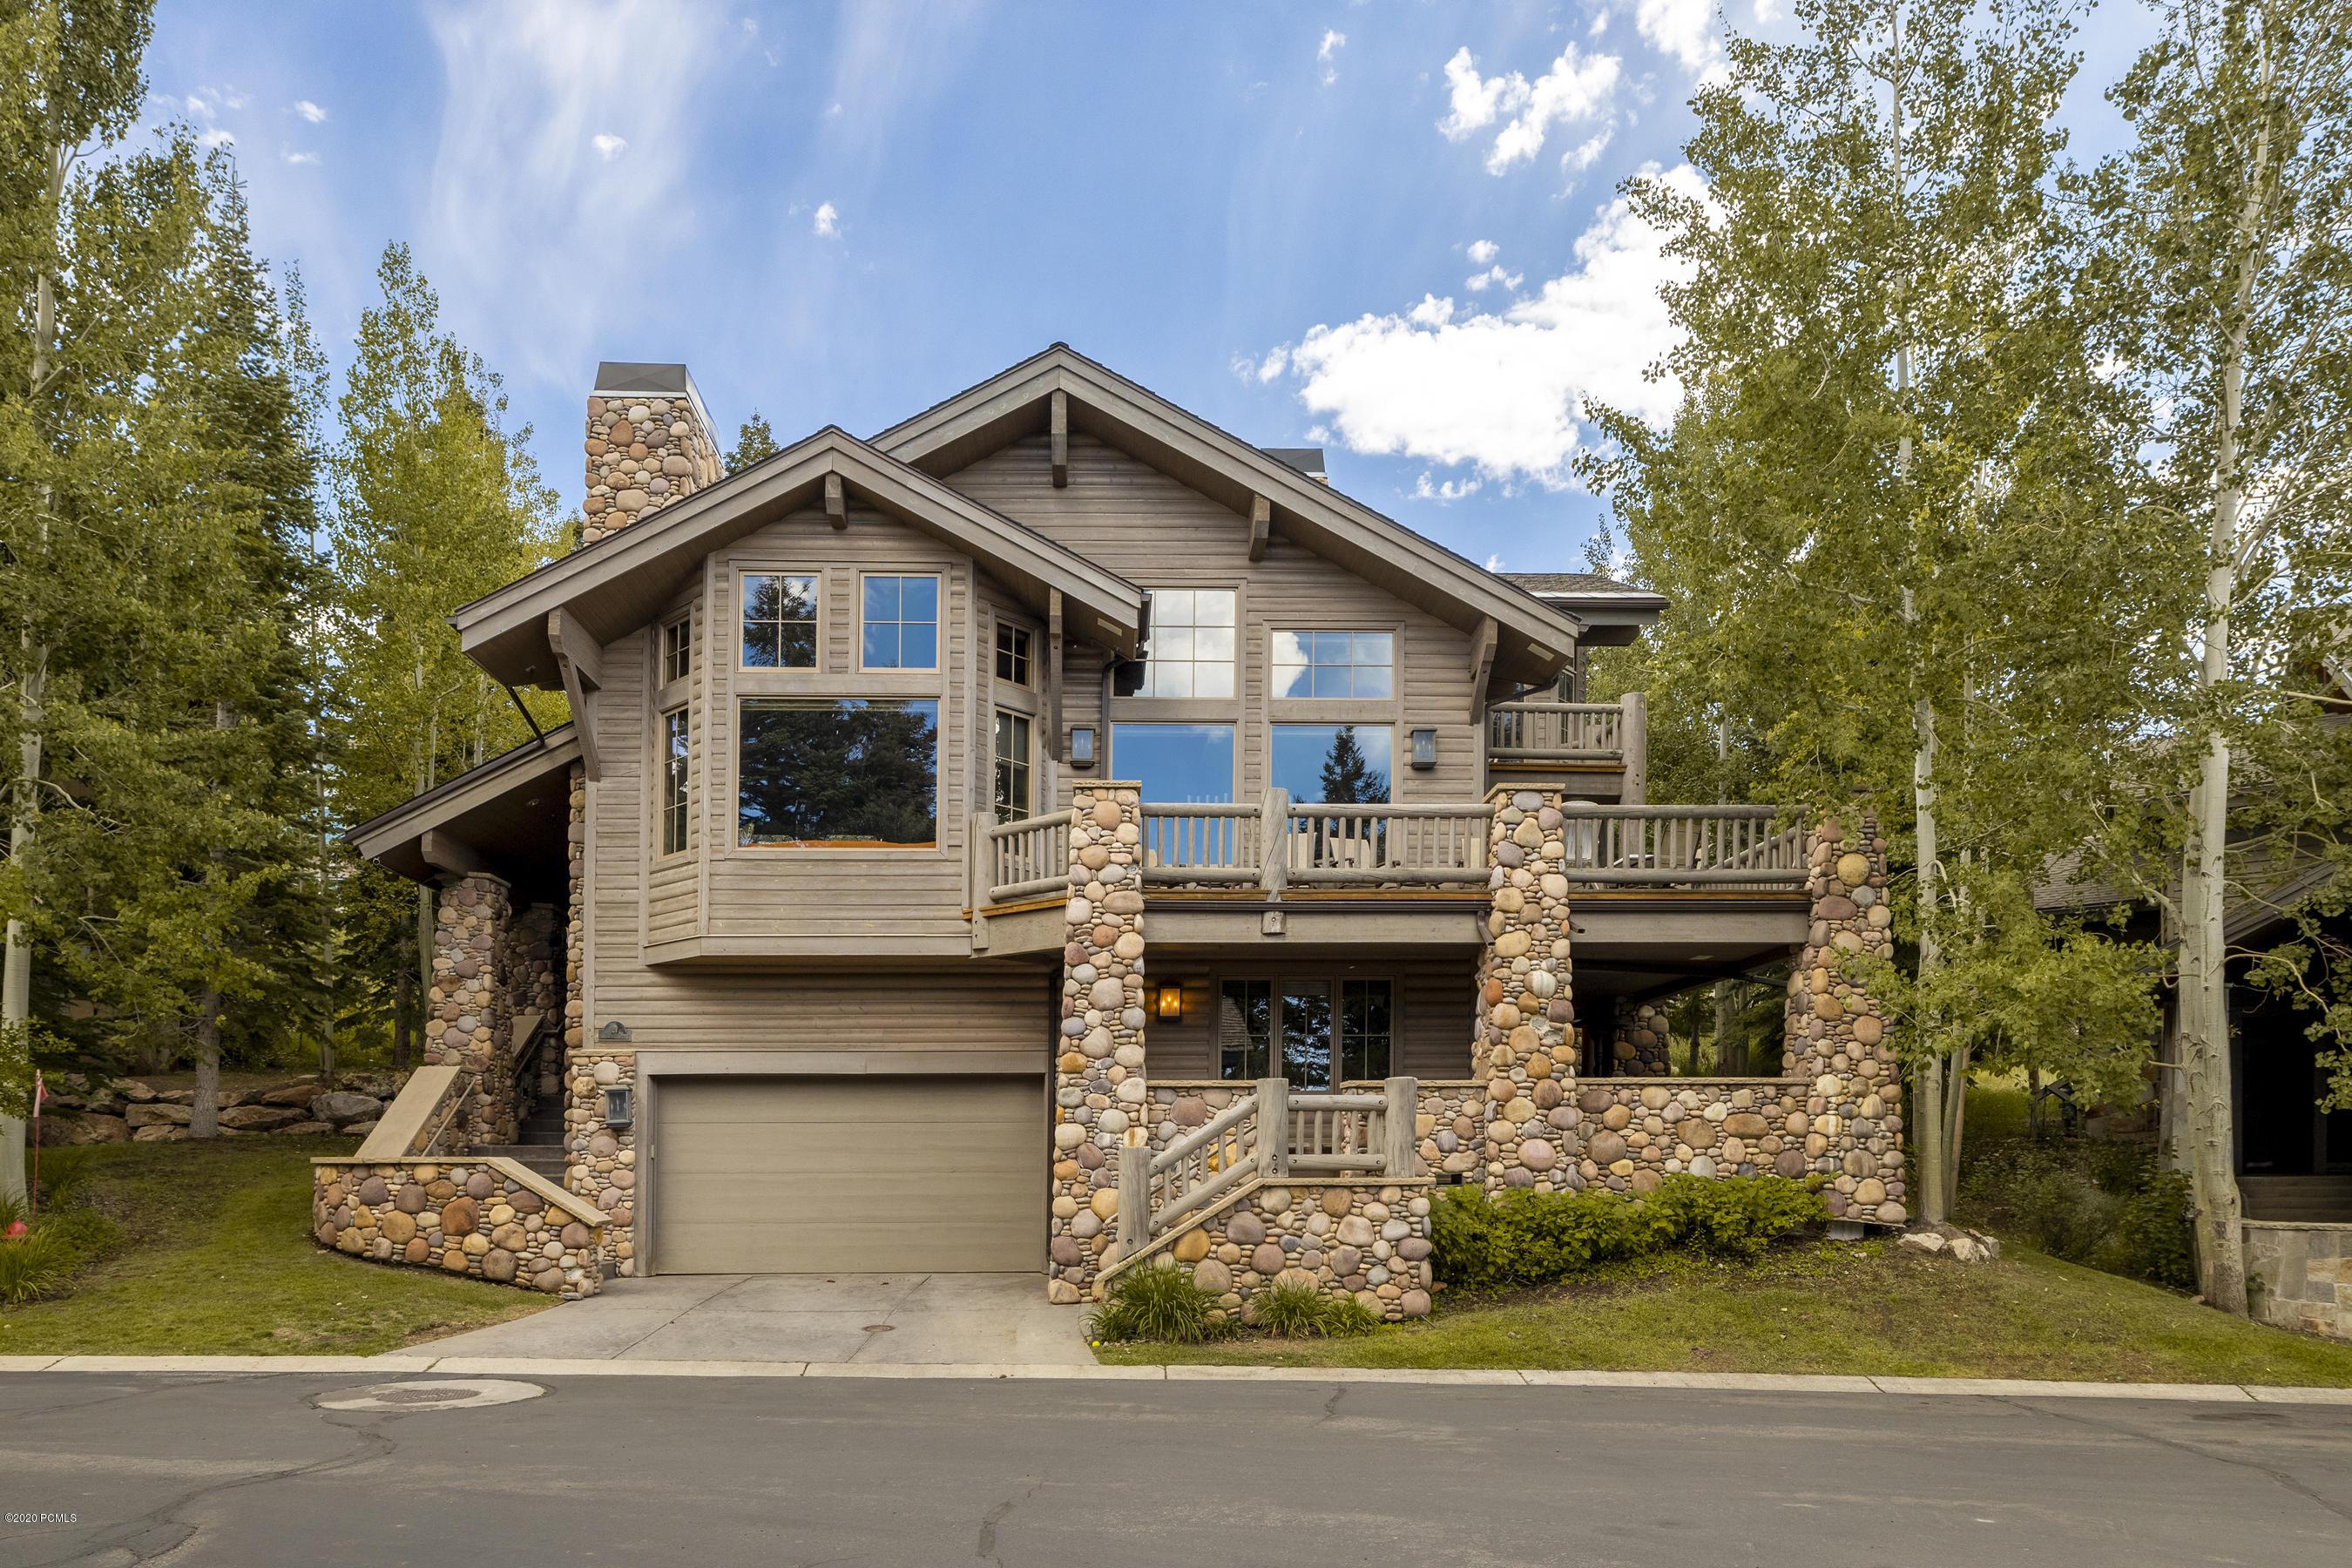 21 Bellevue Court, Park City, Utah 84060, 6 Bedrooms Bedrooms, ,7 BathroomsBathrooms,Single Family,For Sale,Bellevue,12002989